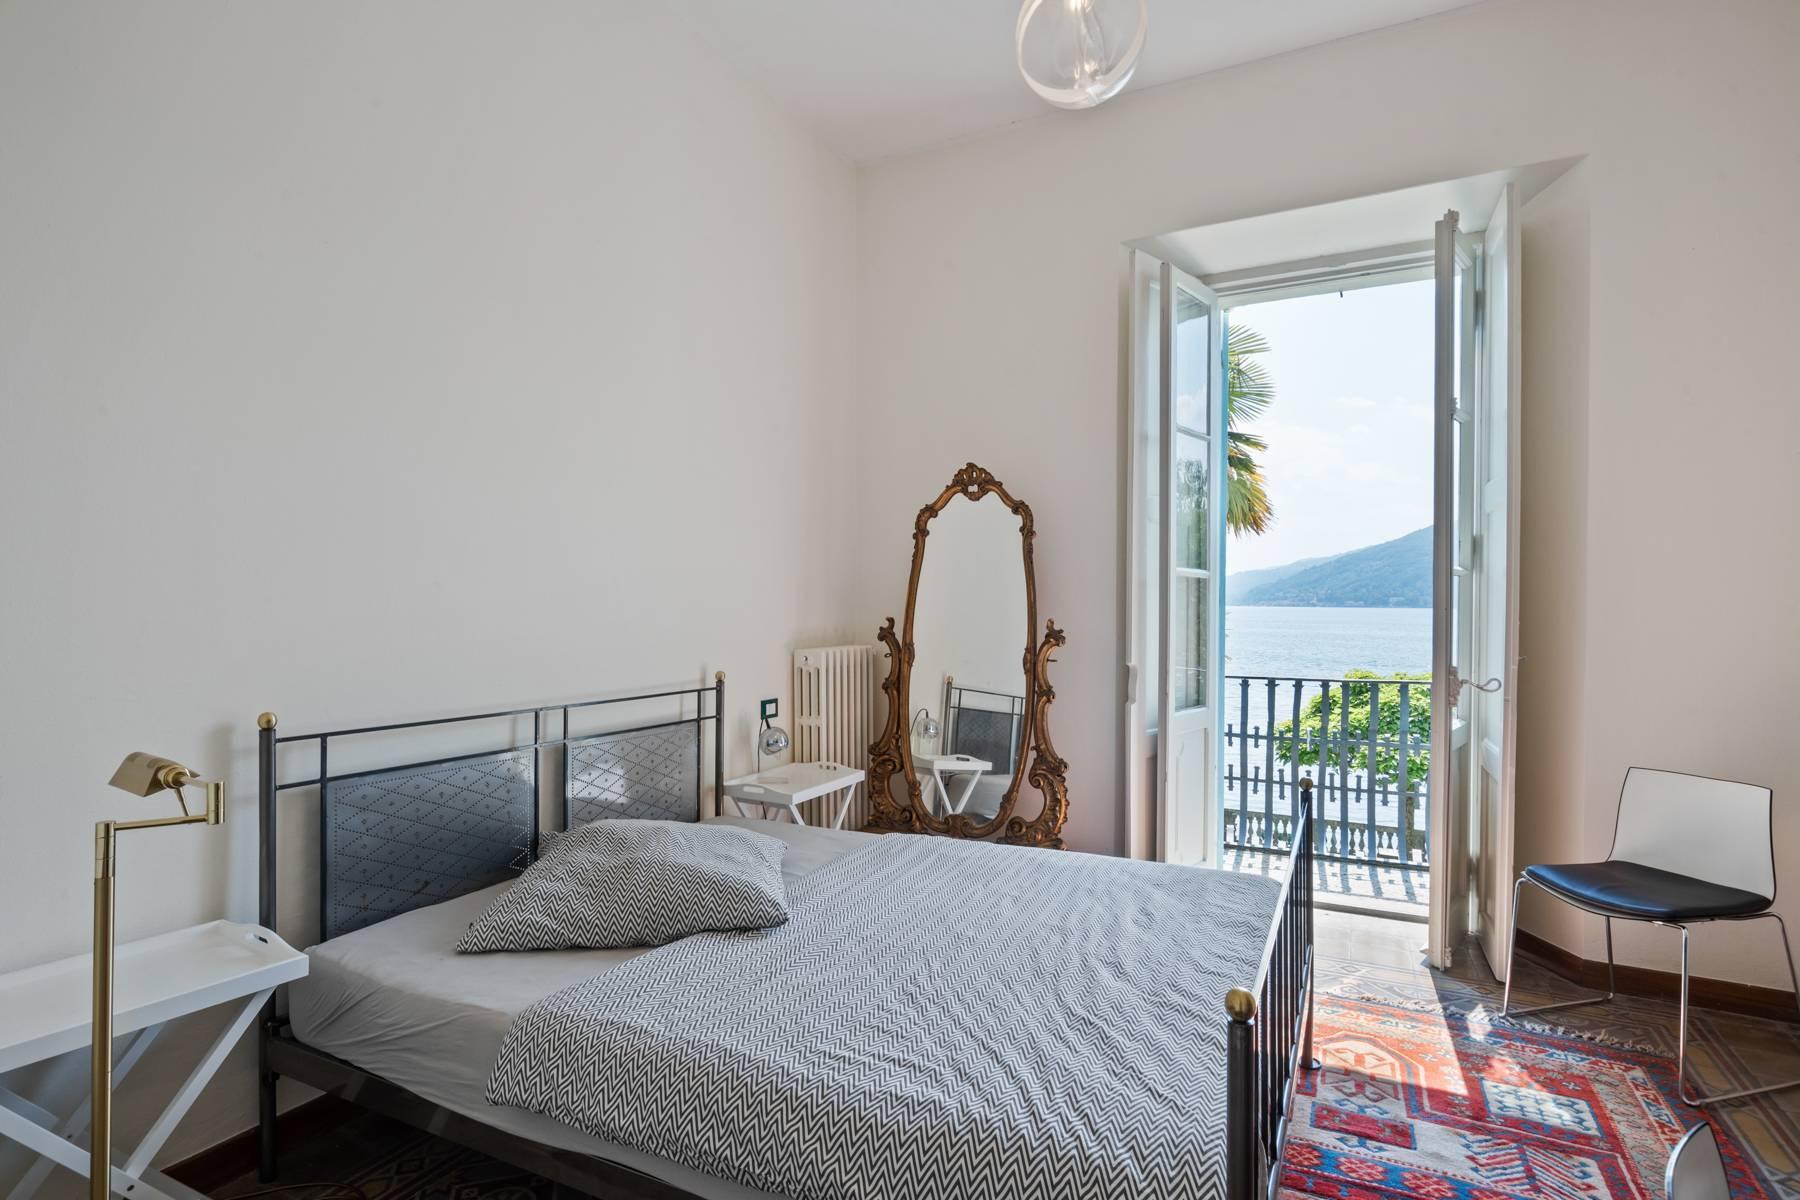 Casa storica direttamente sul lago Maggiore - 28